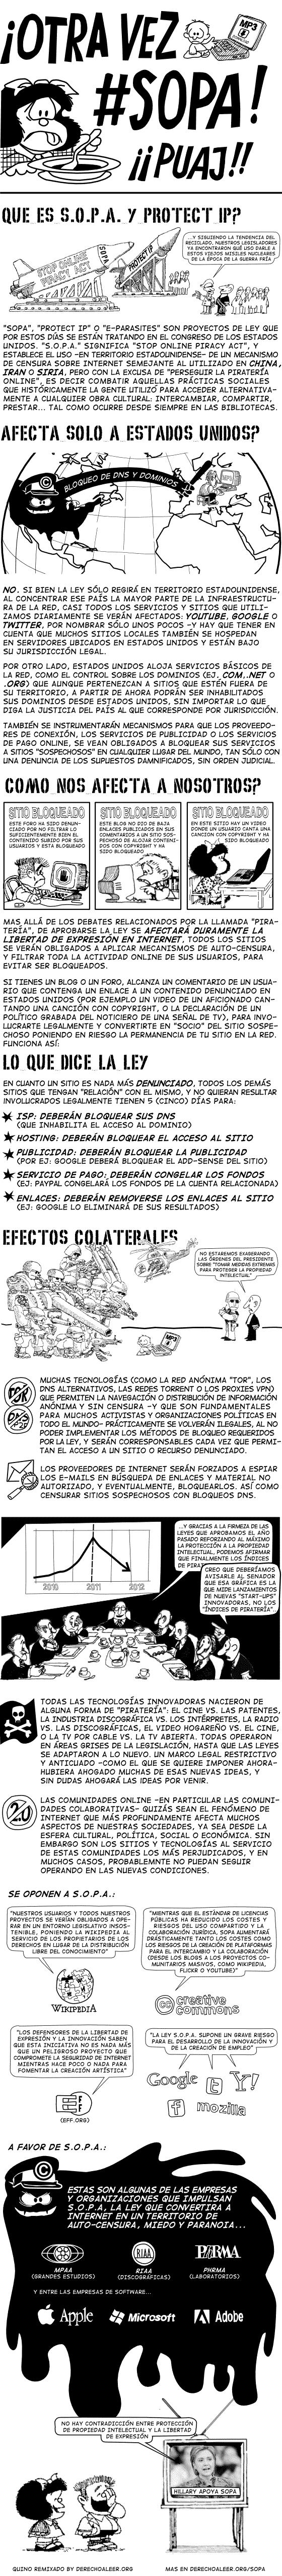 infografia-otra-vez-sopa-560